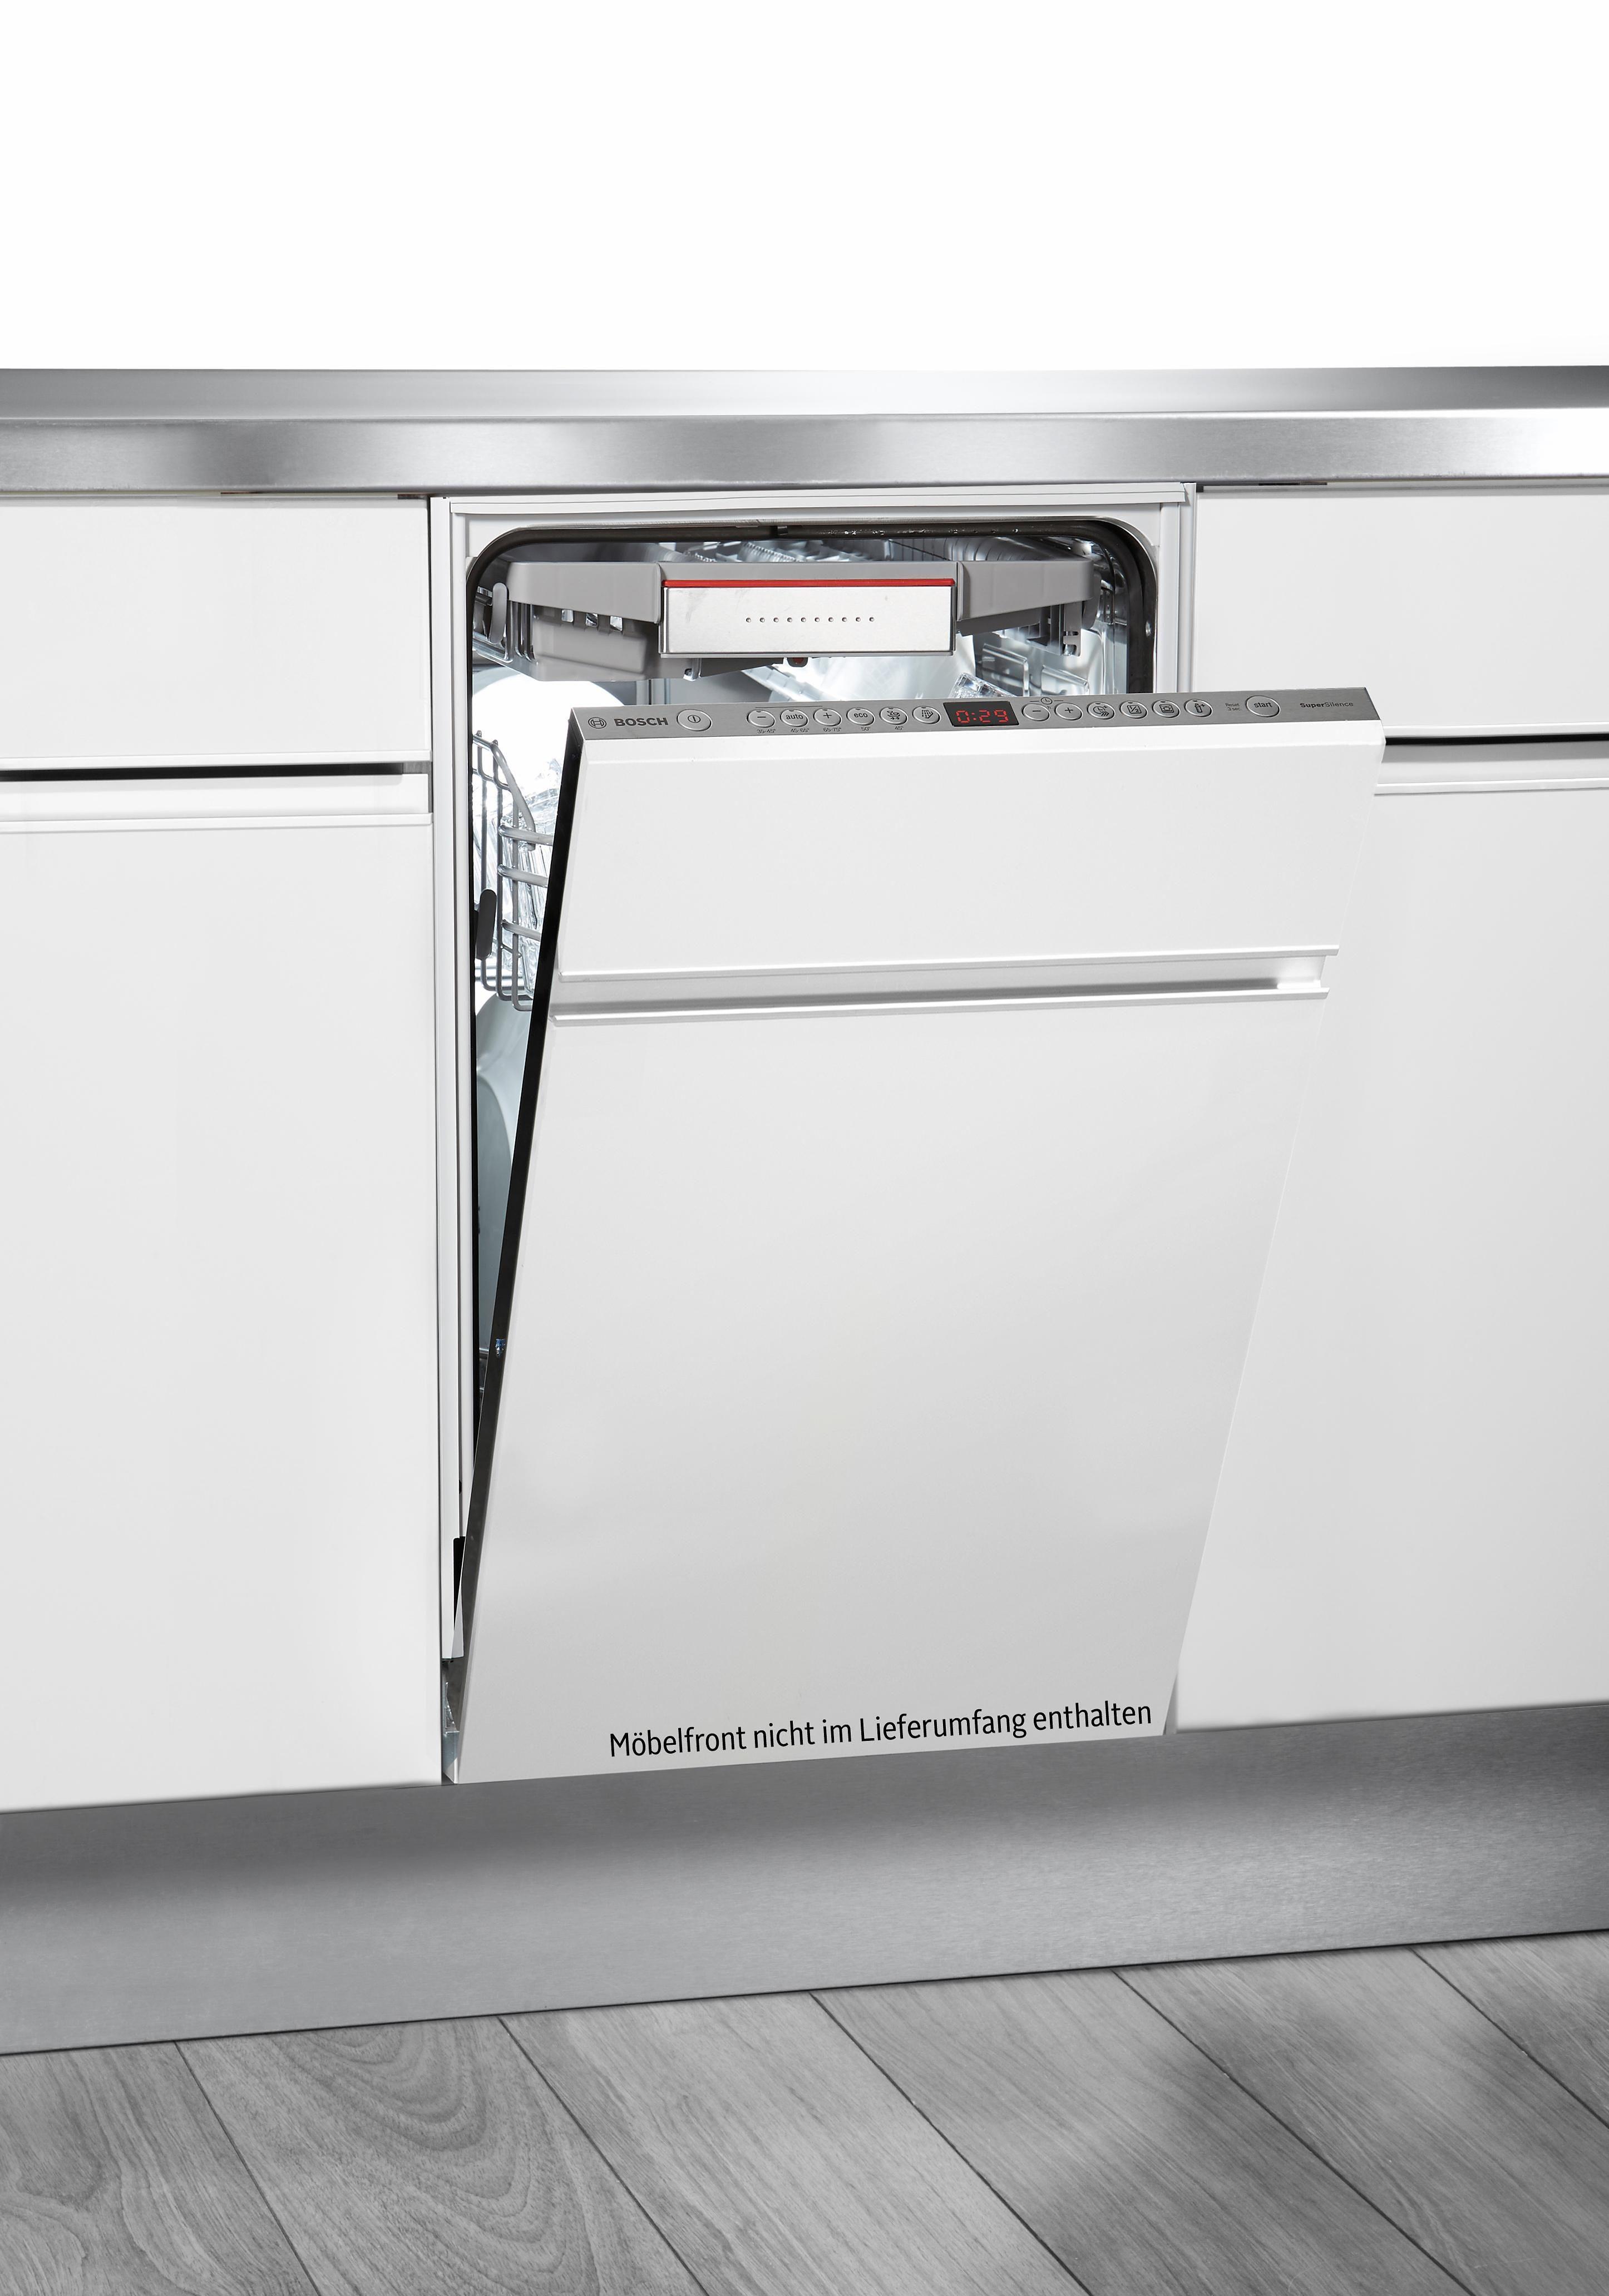 Bosch vollintegrierbar Einbaugeschirrspüler SPV69T70EU, A++, 9,5 Liter, 10 Maßgedecke